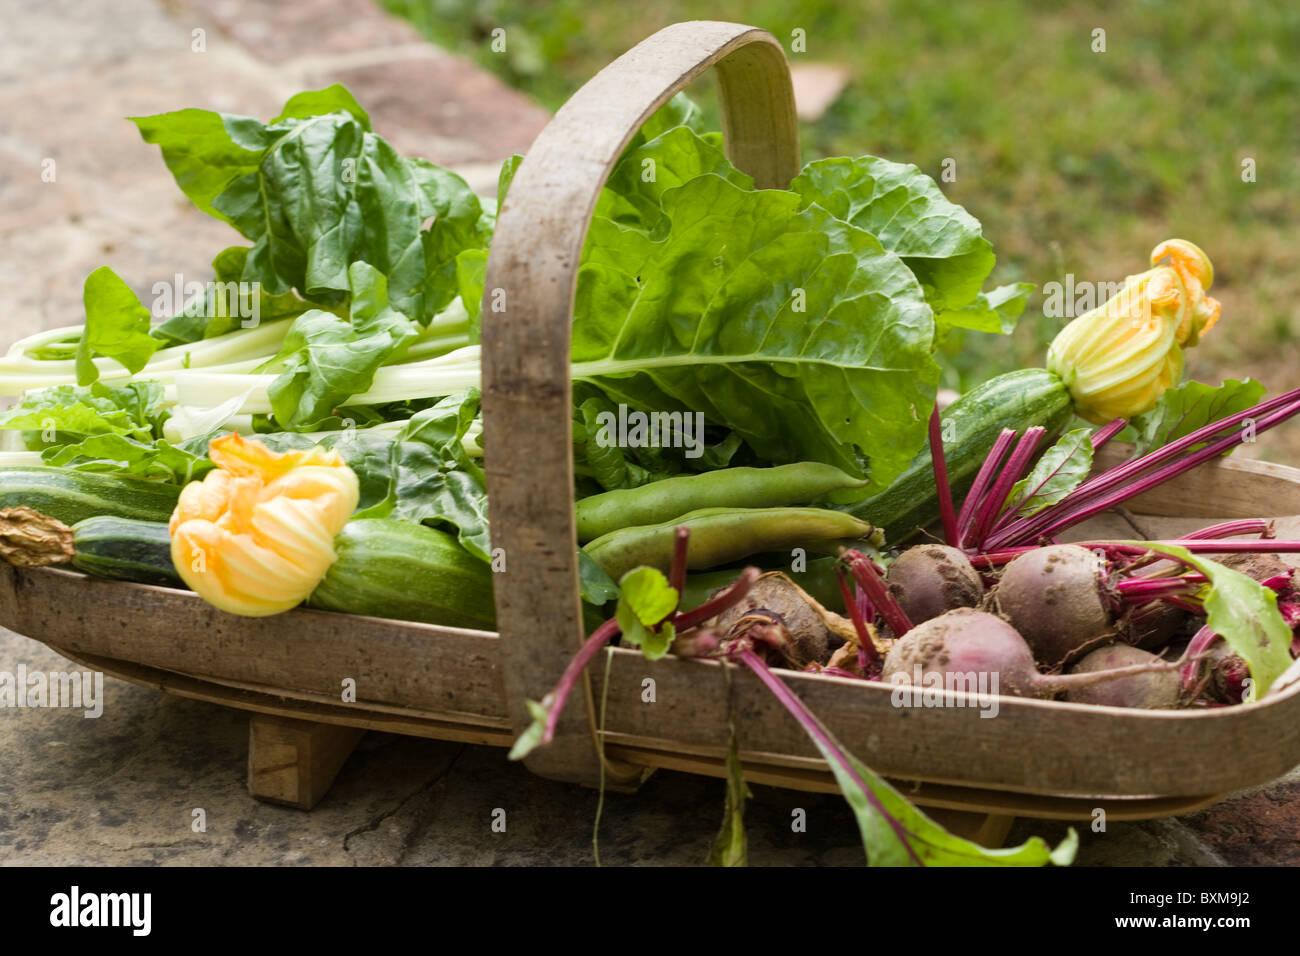 Trug di prodotti freschi, zucchine, barbabietole, spinaci, bietole e fave Immagini Stock